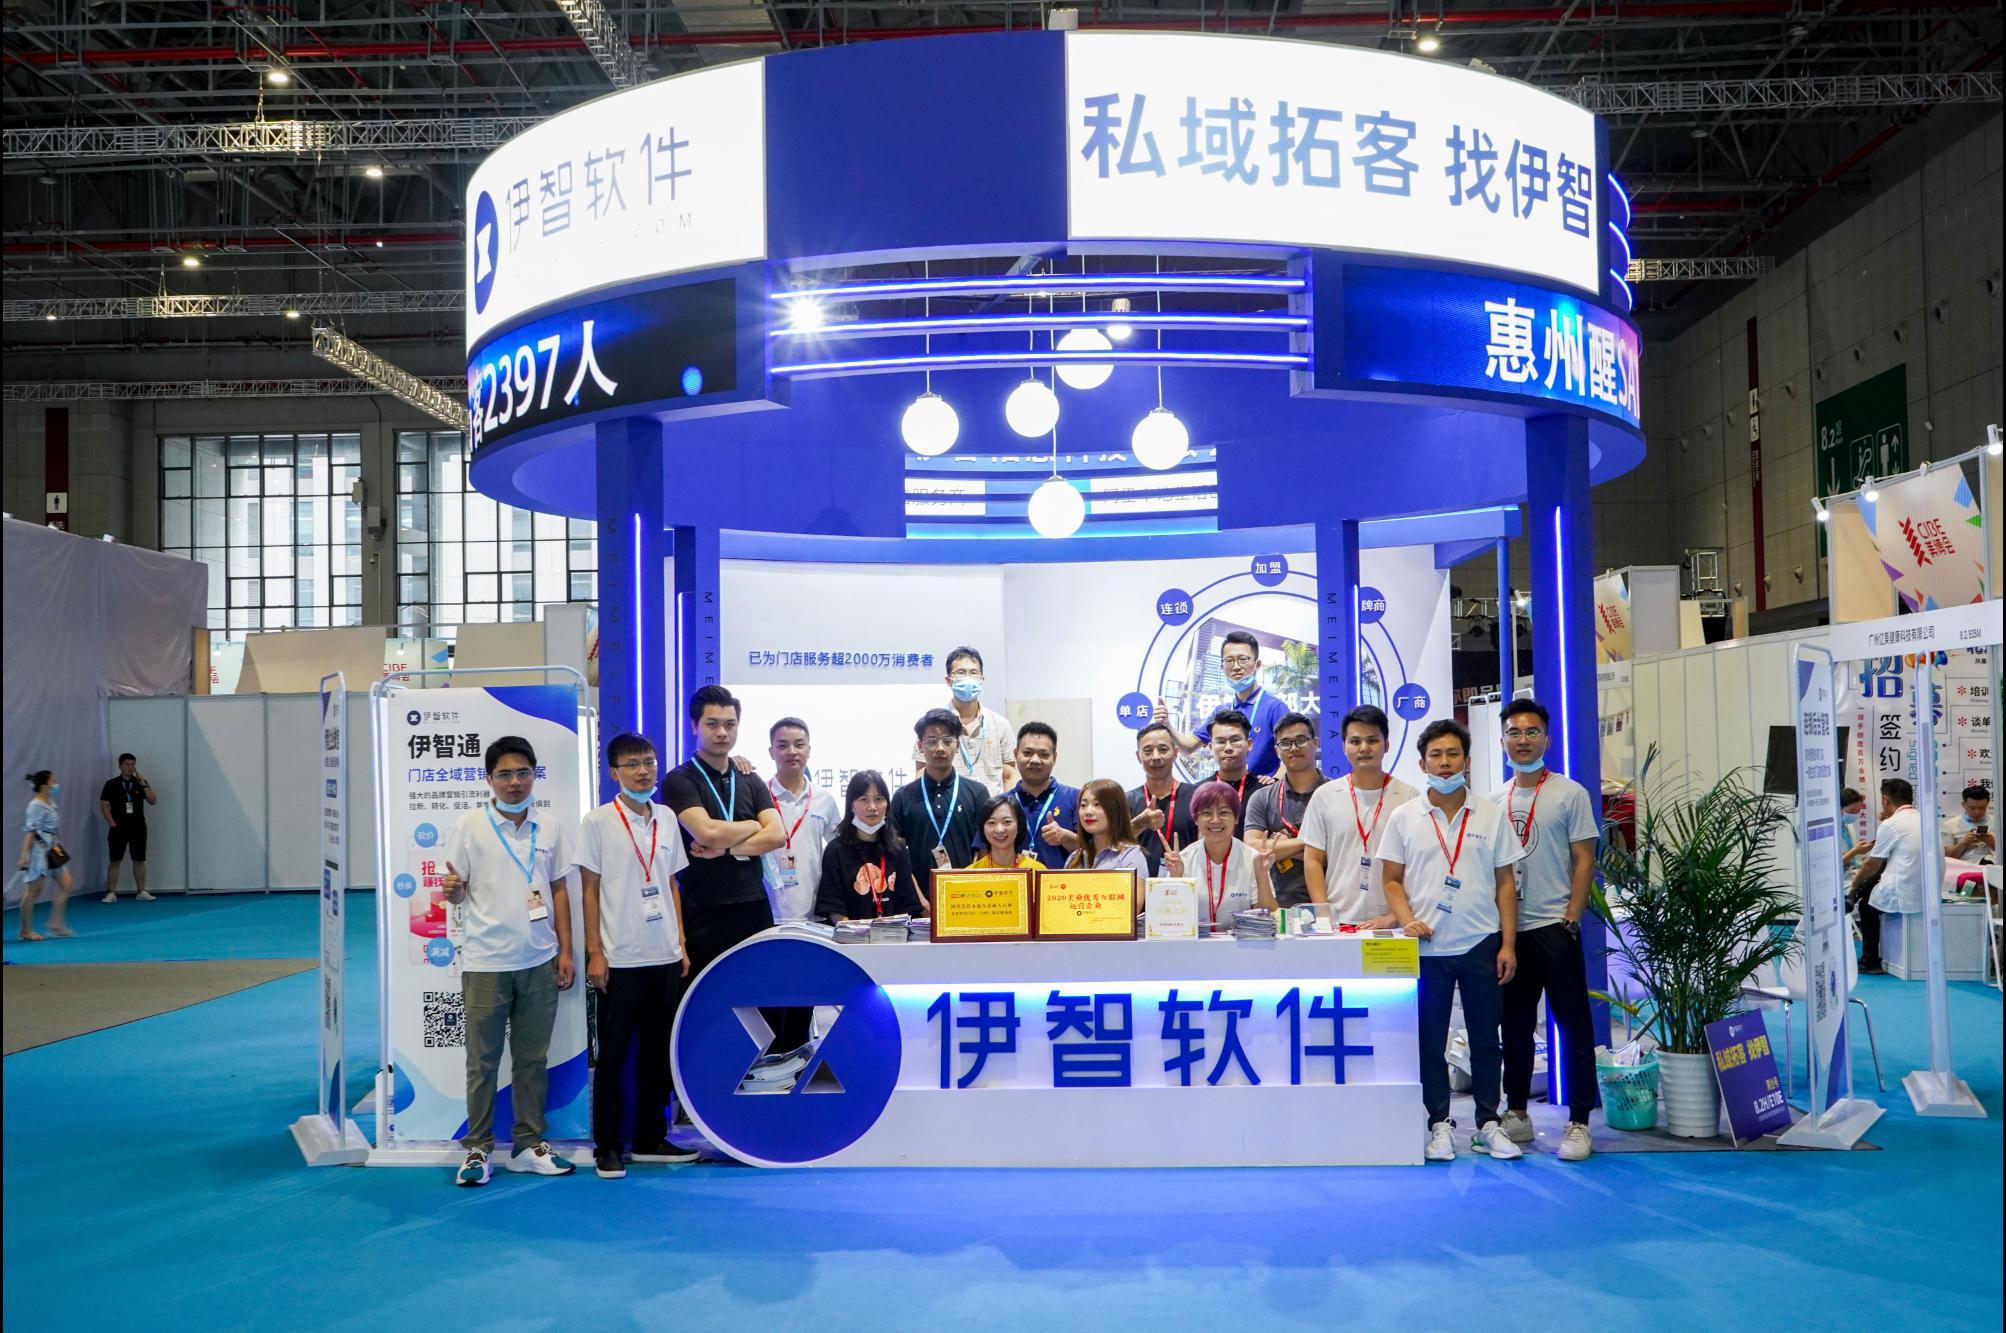 2020上海美博会!伊智软件携全域营销落地方案伊智通,与阿里巴巴本地生活达成合作